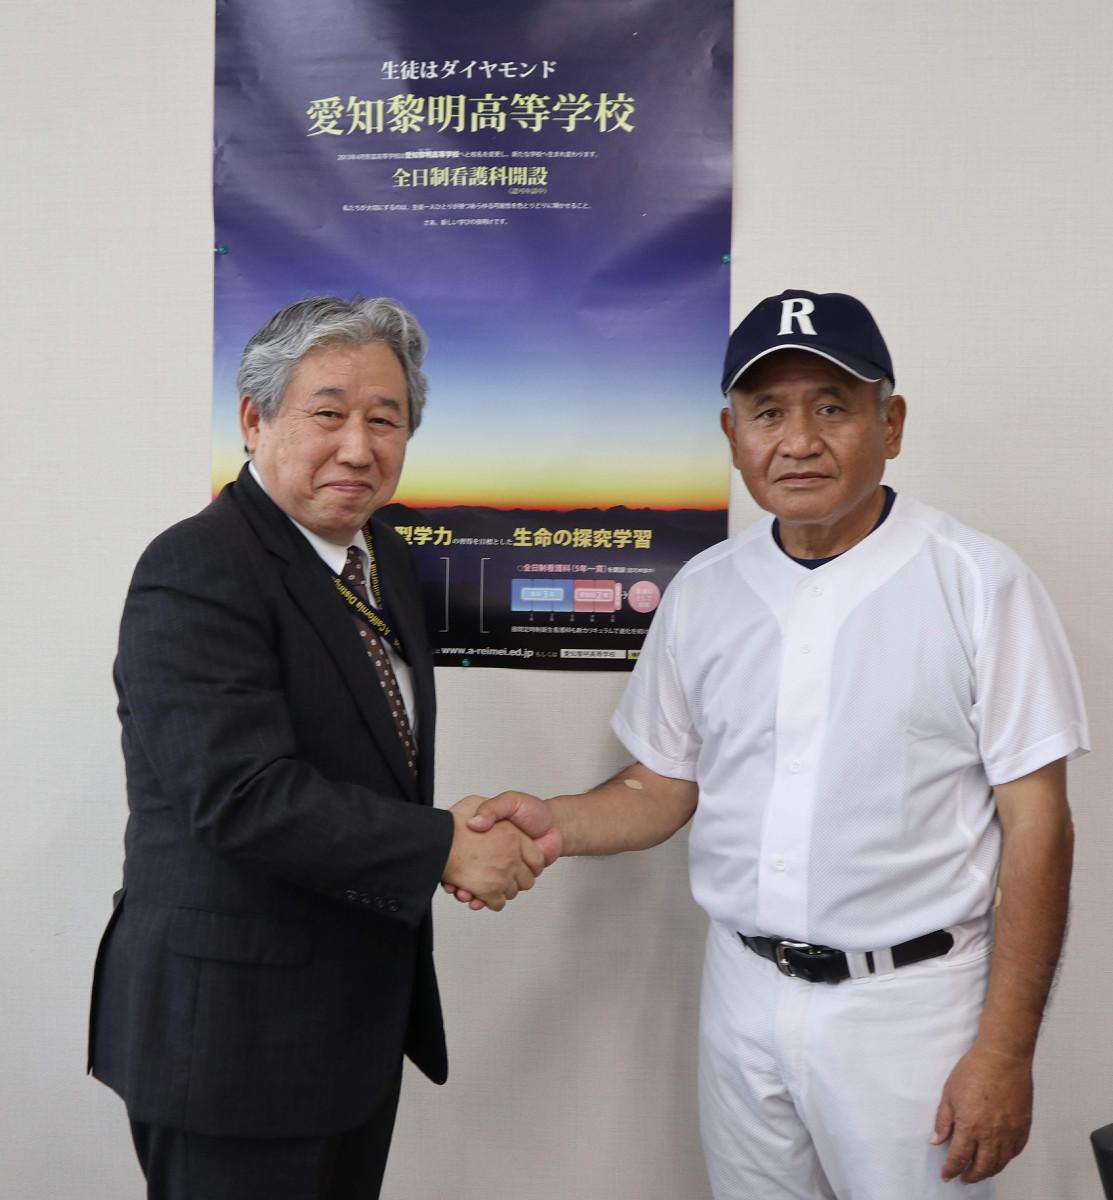 愛知黎明・井上毅校長(左)と握手する金城孝夫監督